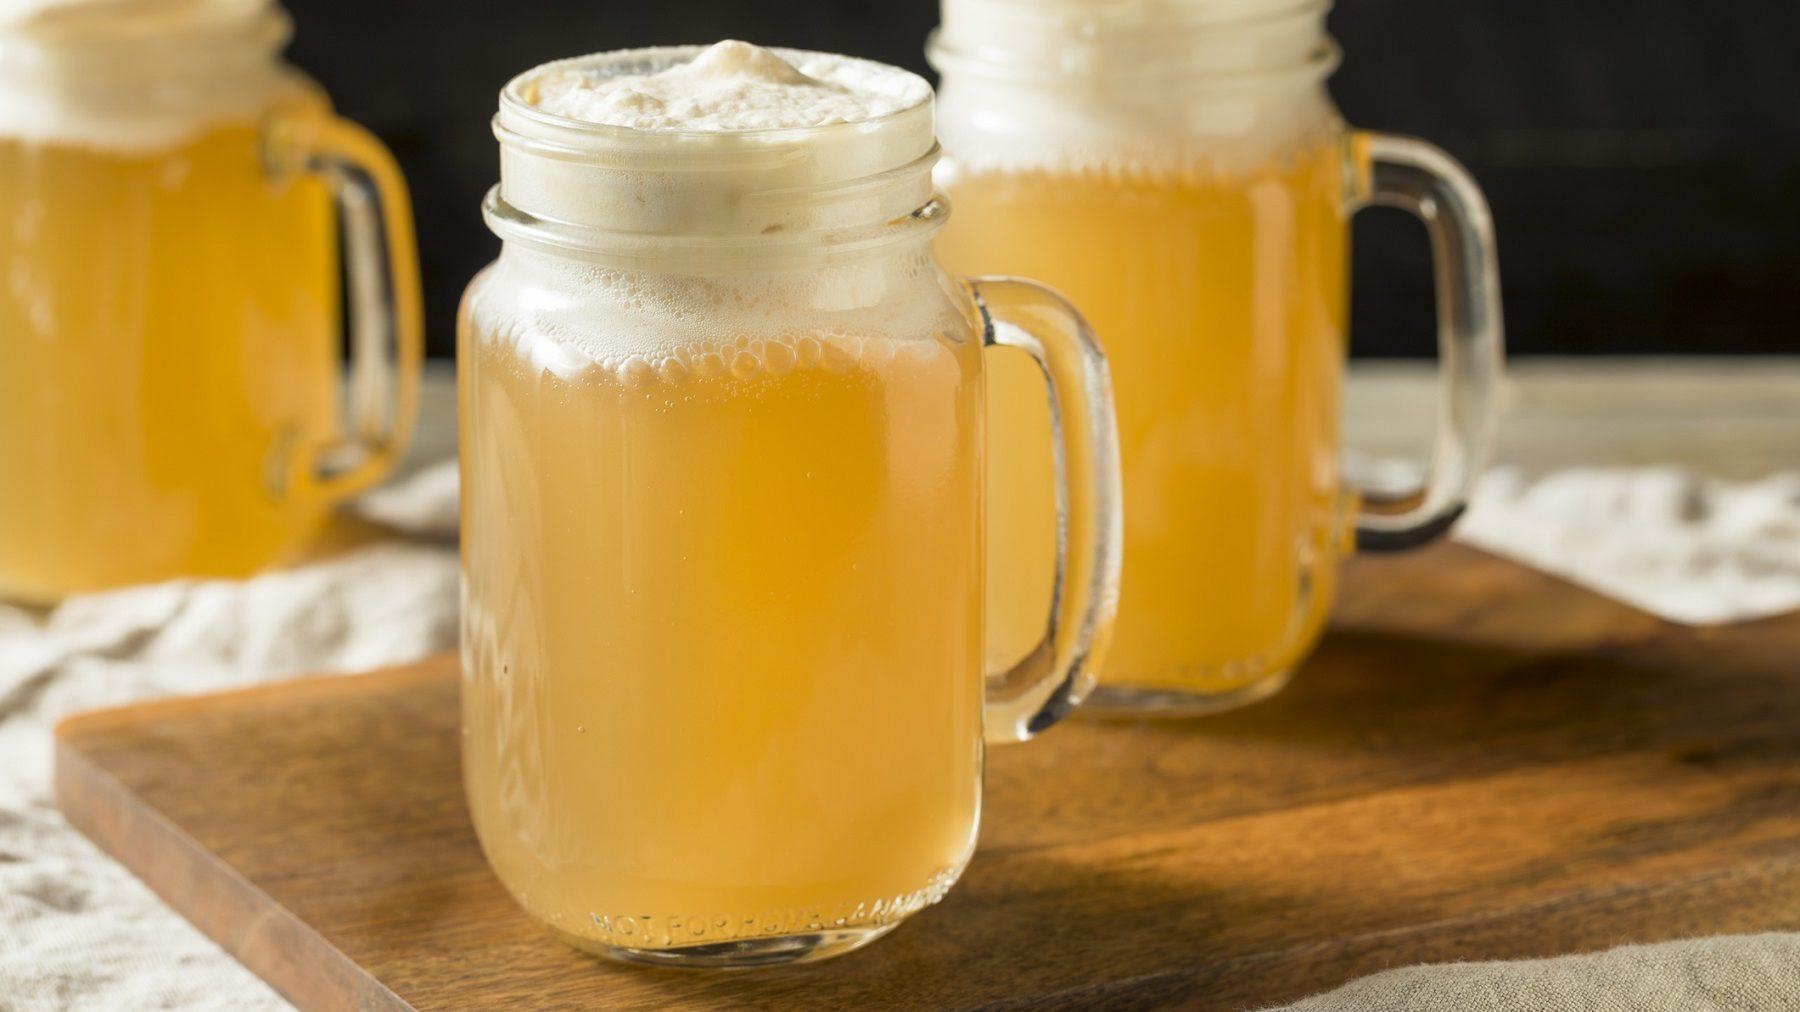 Zwei gläserne Krüge mit Butter-Bier stehen auf einem Holzbrett auf einem Tisch mit einer beigen Tischdecke. Im Hintergrund steht ein weiteres Butter-Bier. Die Biere sind angerichtet mit Sahne.